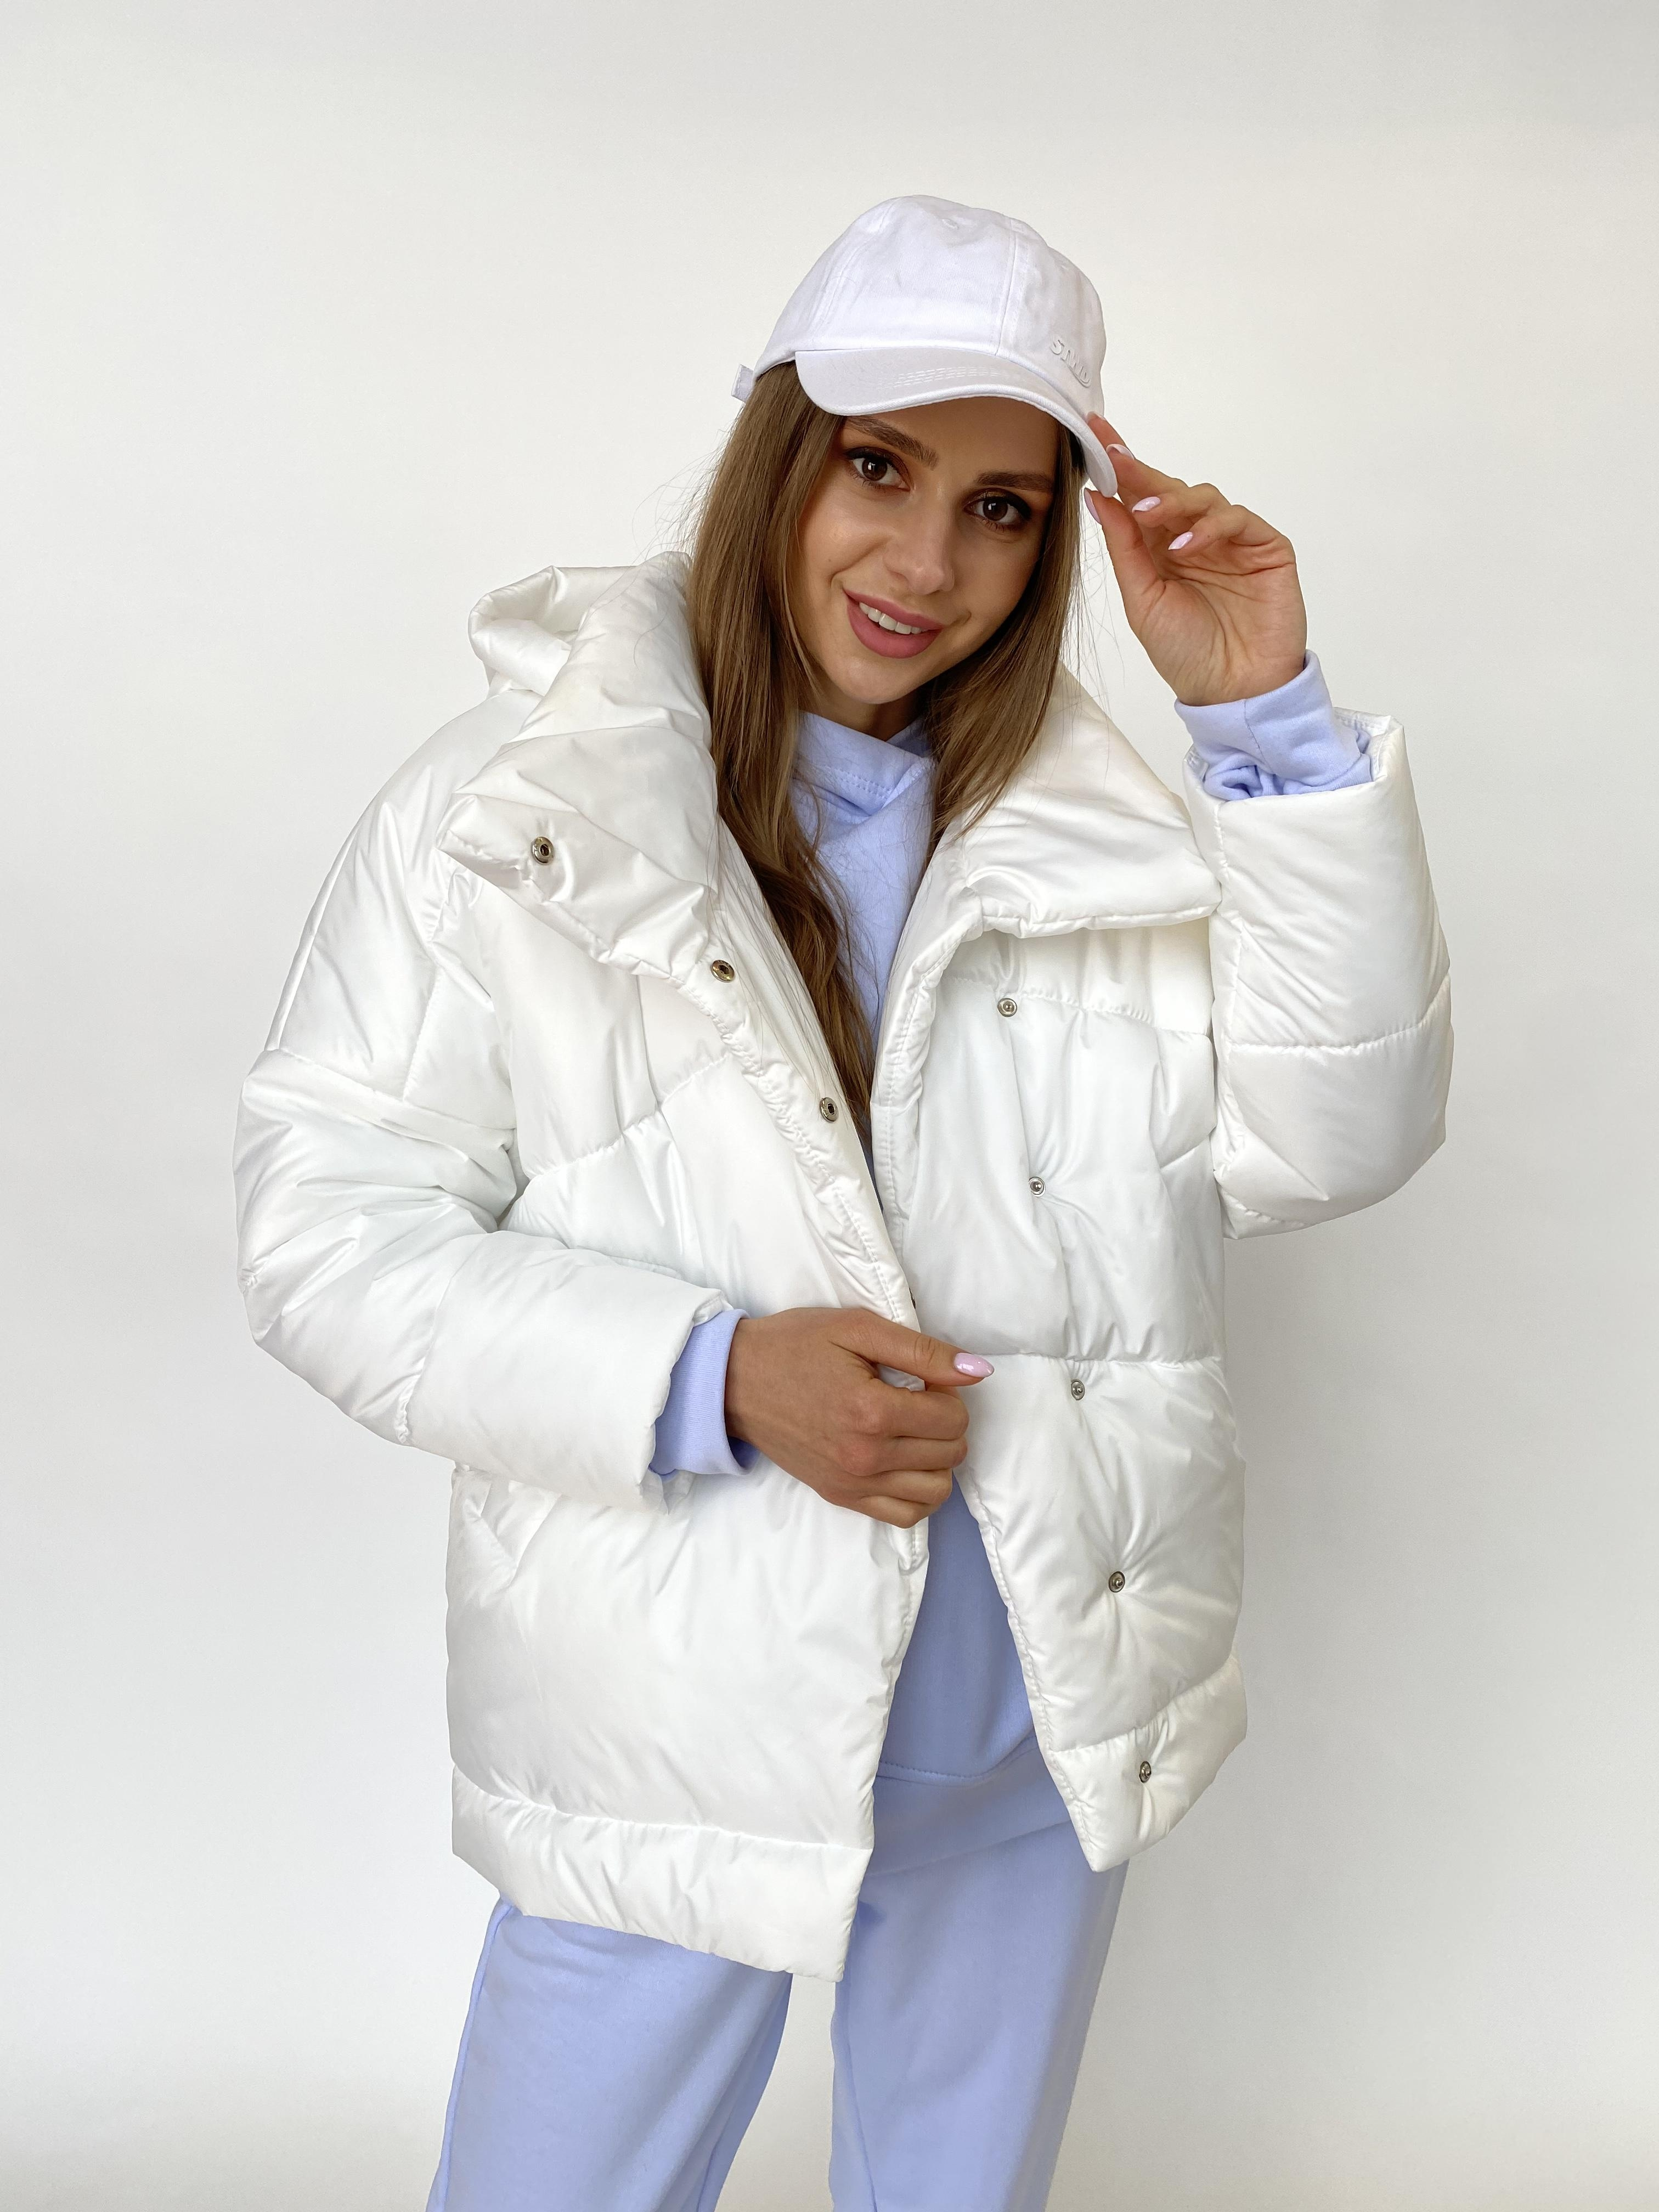 Уно куртка плащевка Ammy 10671 АРТ. 47395 Цвет: Молоко - фото 5, интернет магазин tm-modus.ru